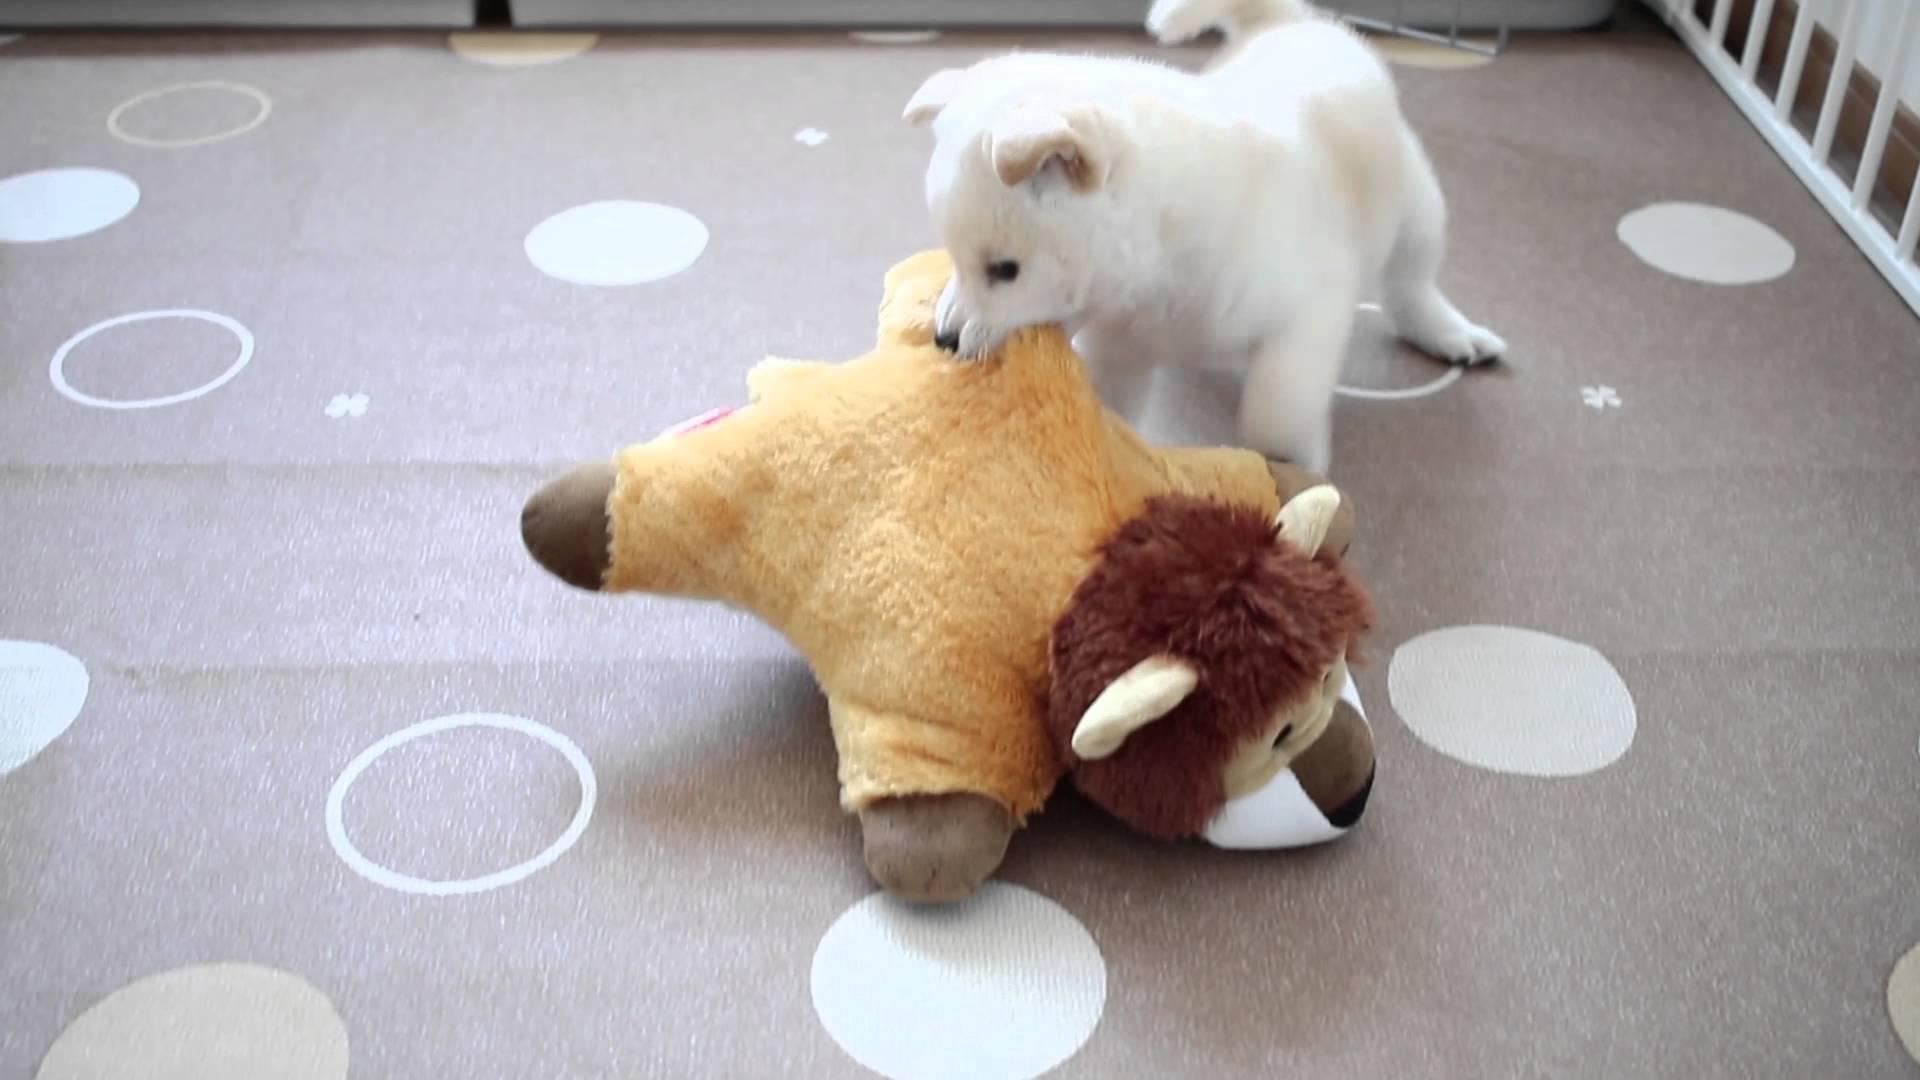 可愛い子犬が妙な動きでじゃれる動画♪途中で猫の乱入もあるよー